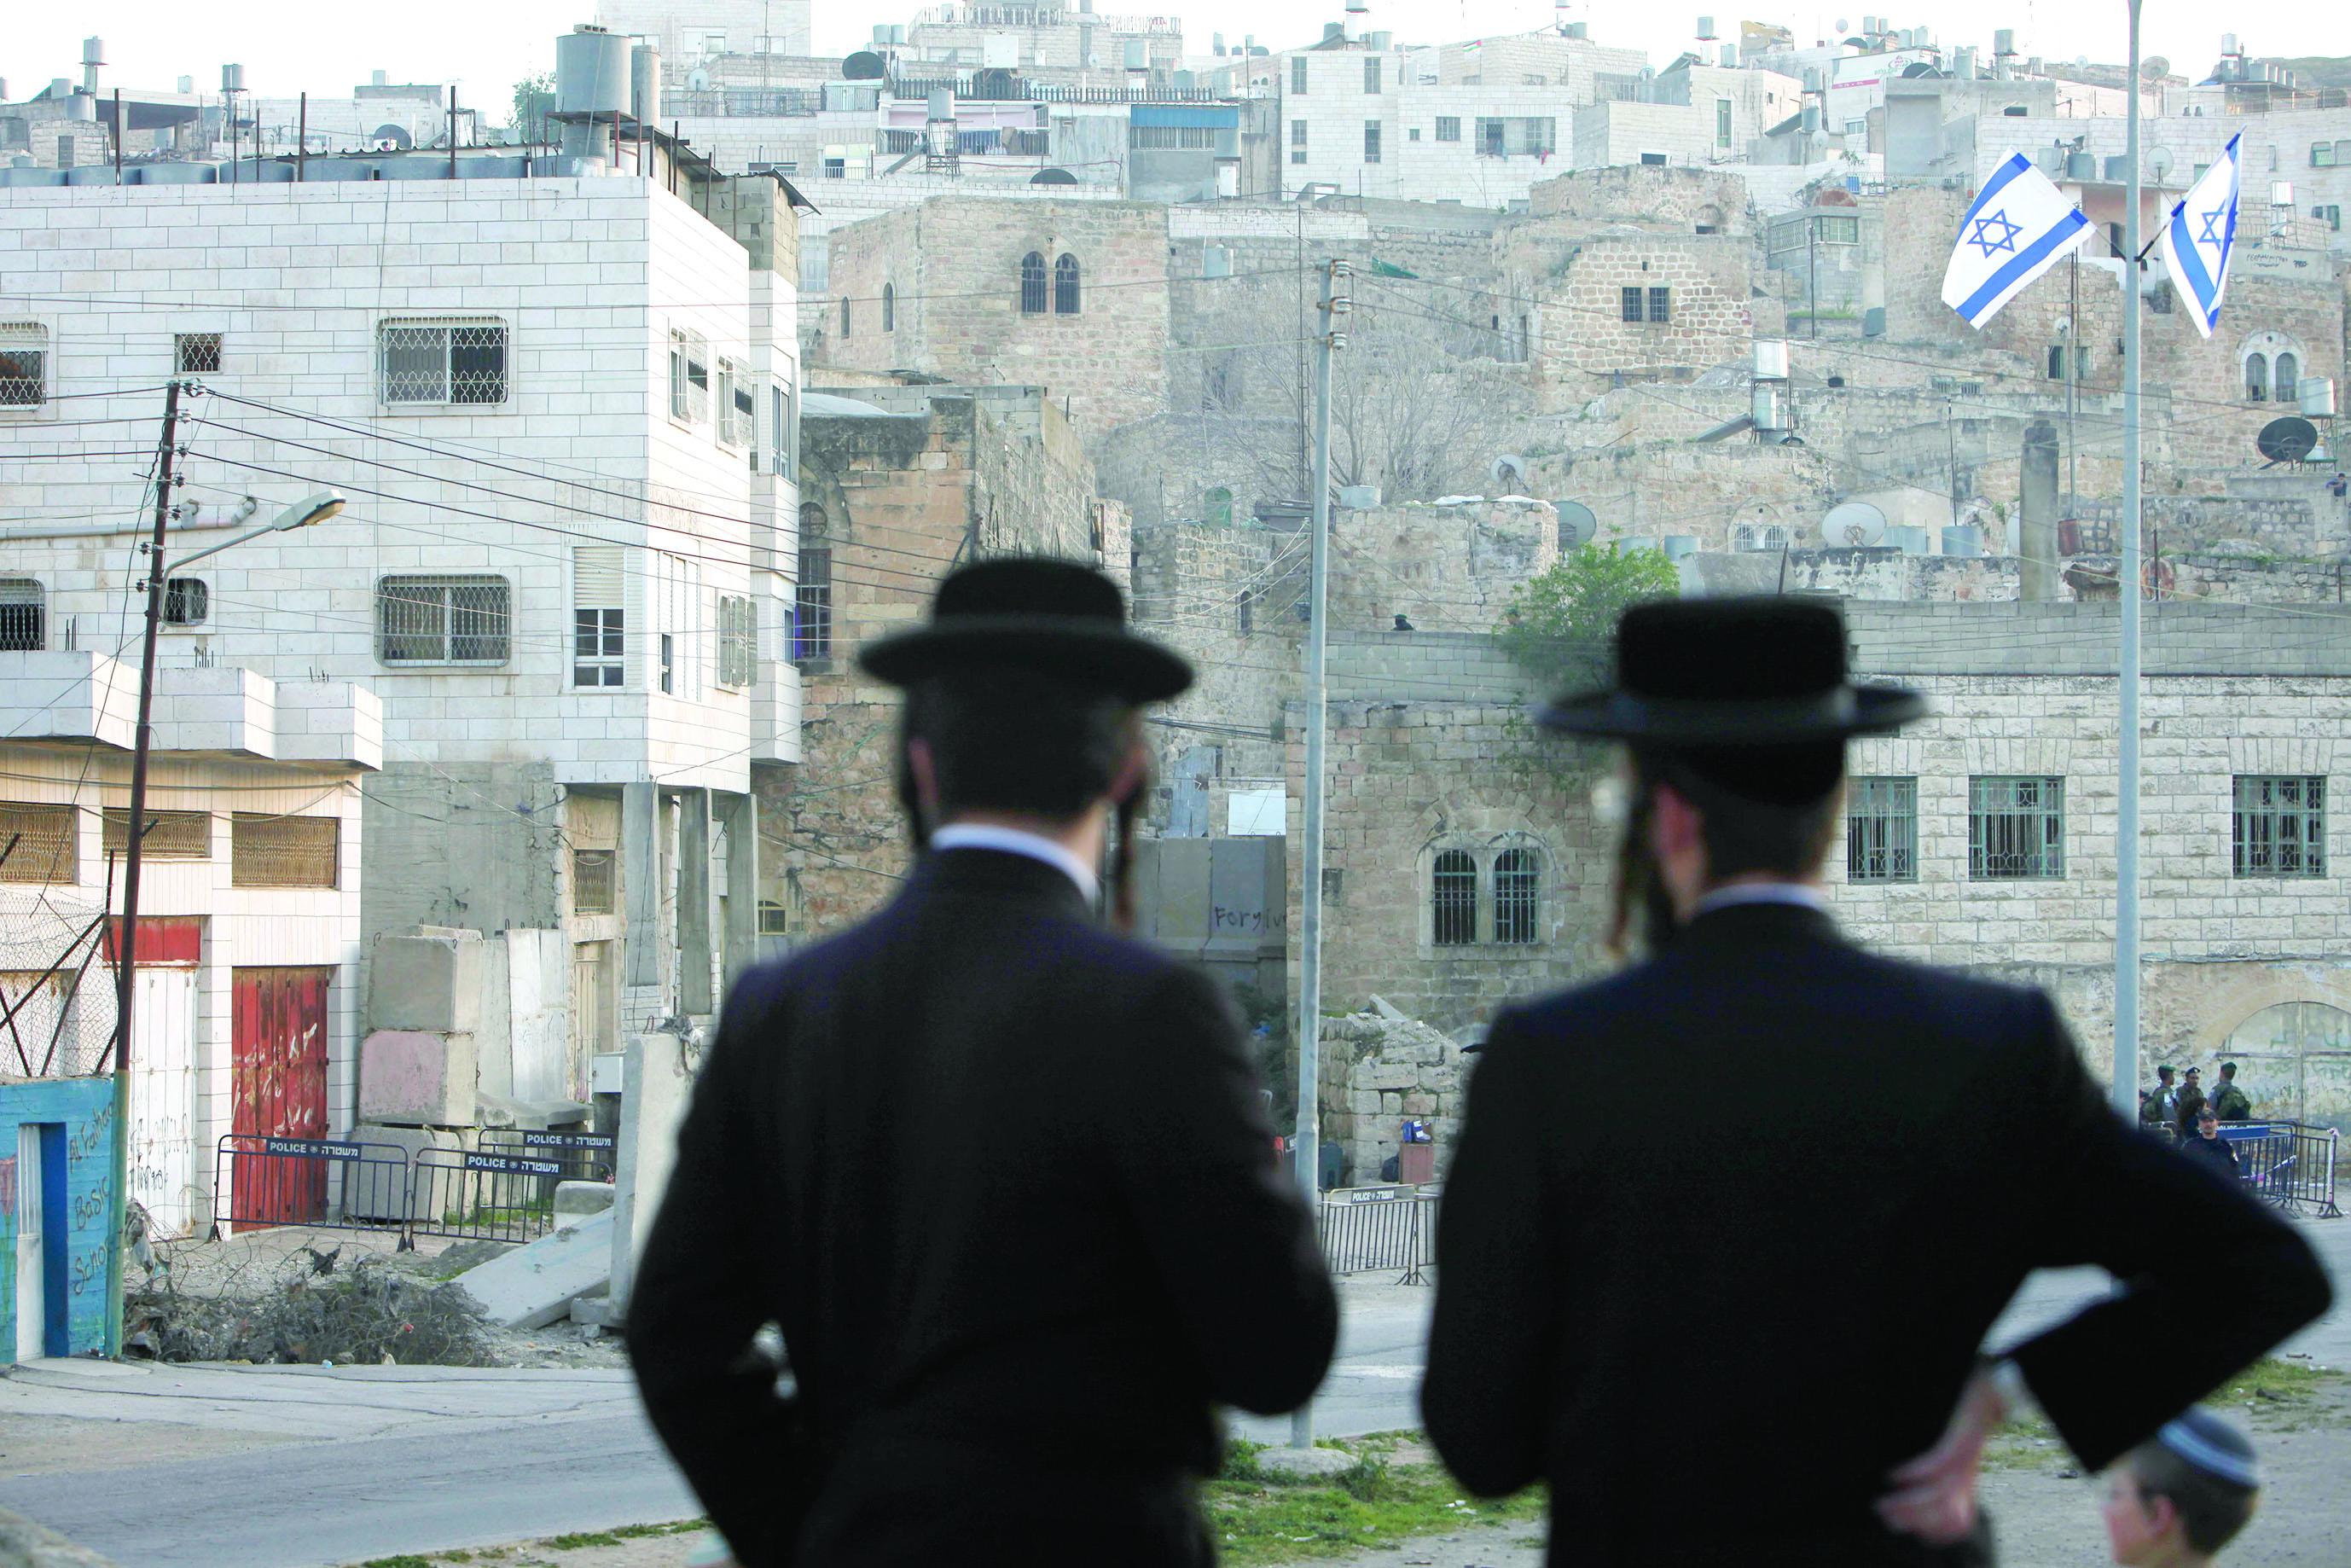 الاحتلال يُخصص 13 مليون دولار لتعزيز الاستيطان في الخليل